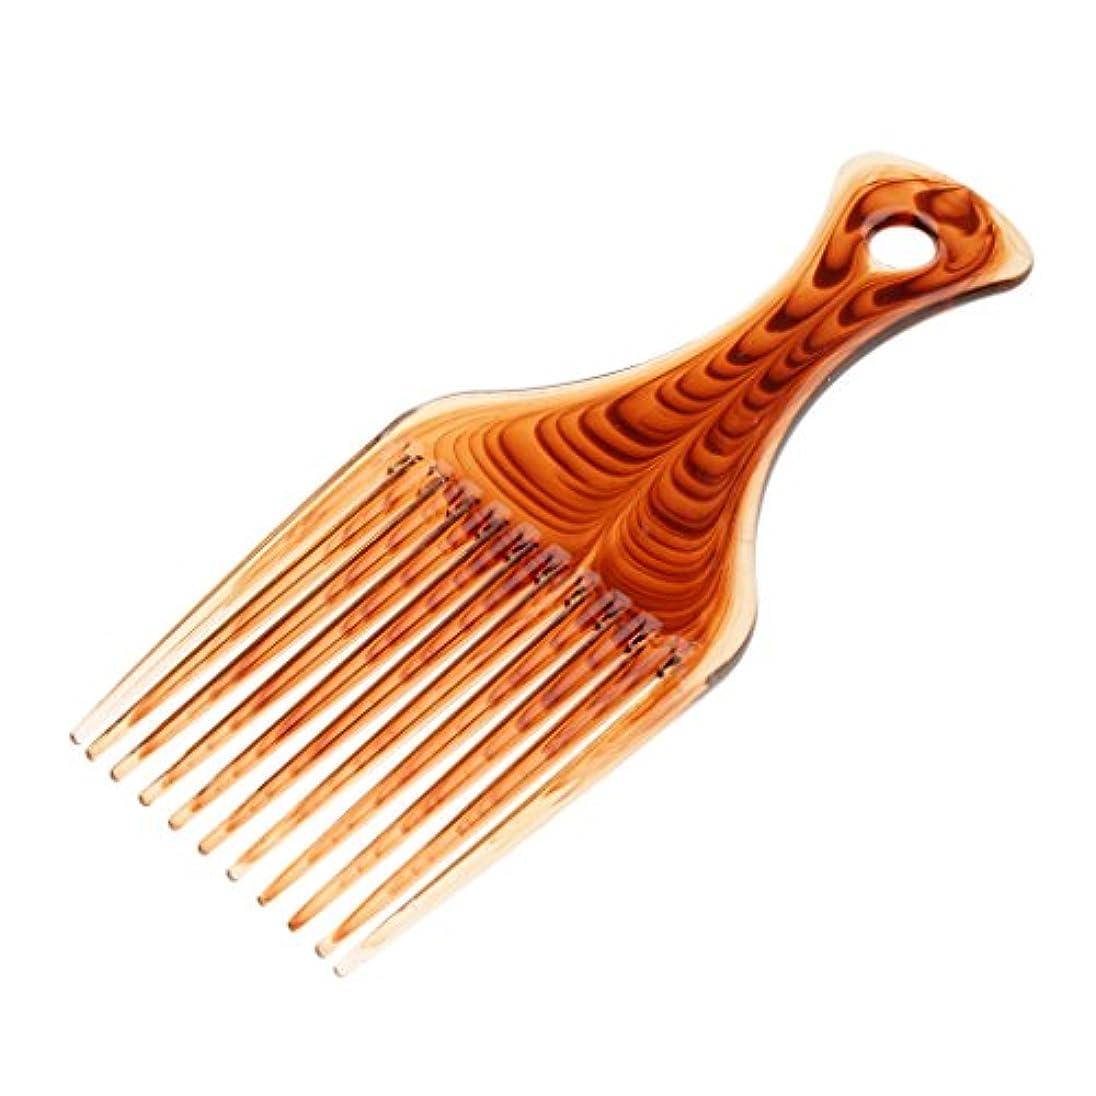 どきどき先史時代の代理人ヘアブラシ ヘアコーム プラスチック ヘアピックコーム かつら編組 髪の櫛 スタイリング